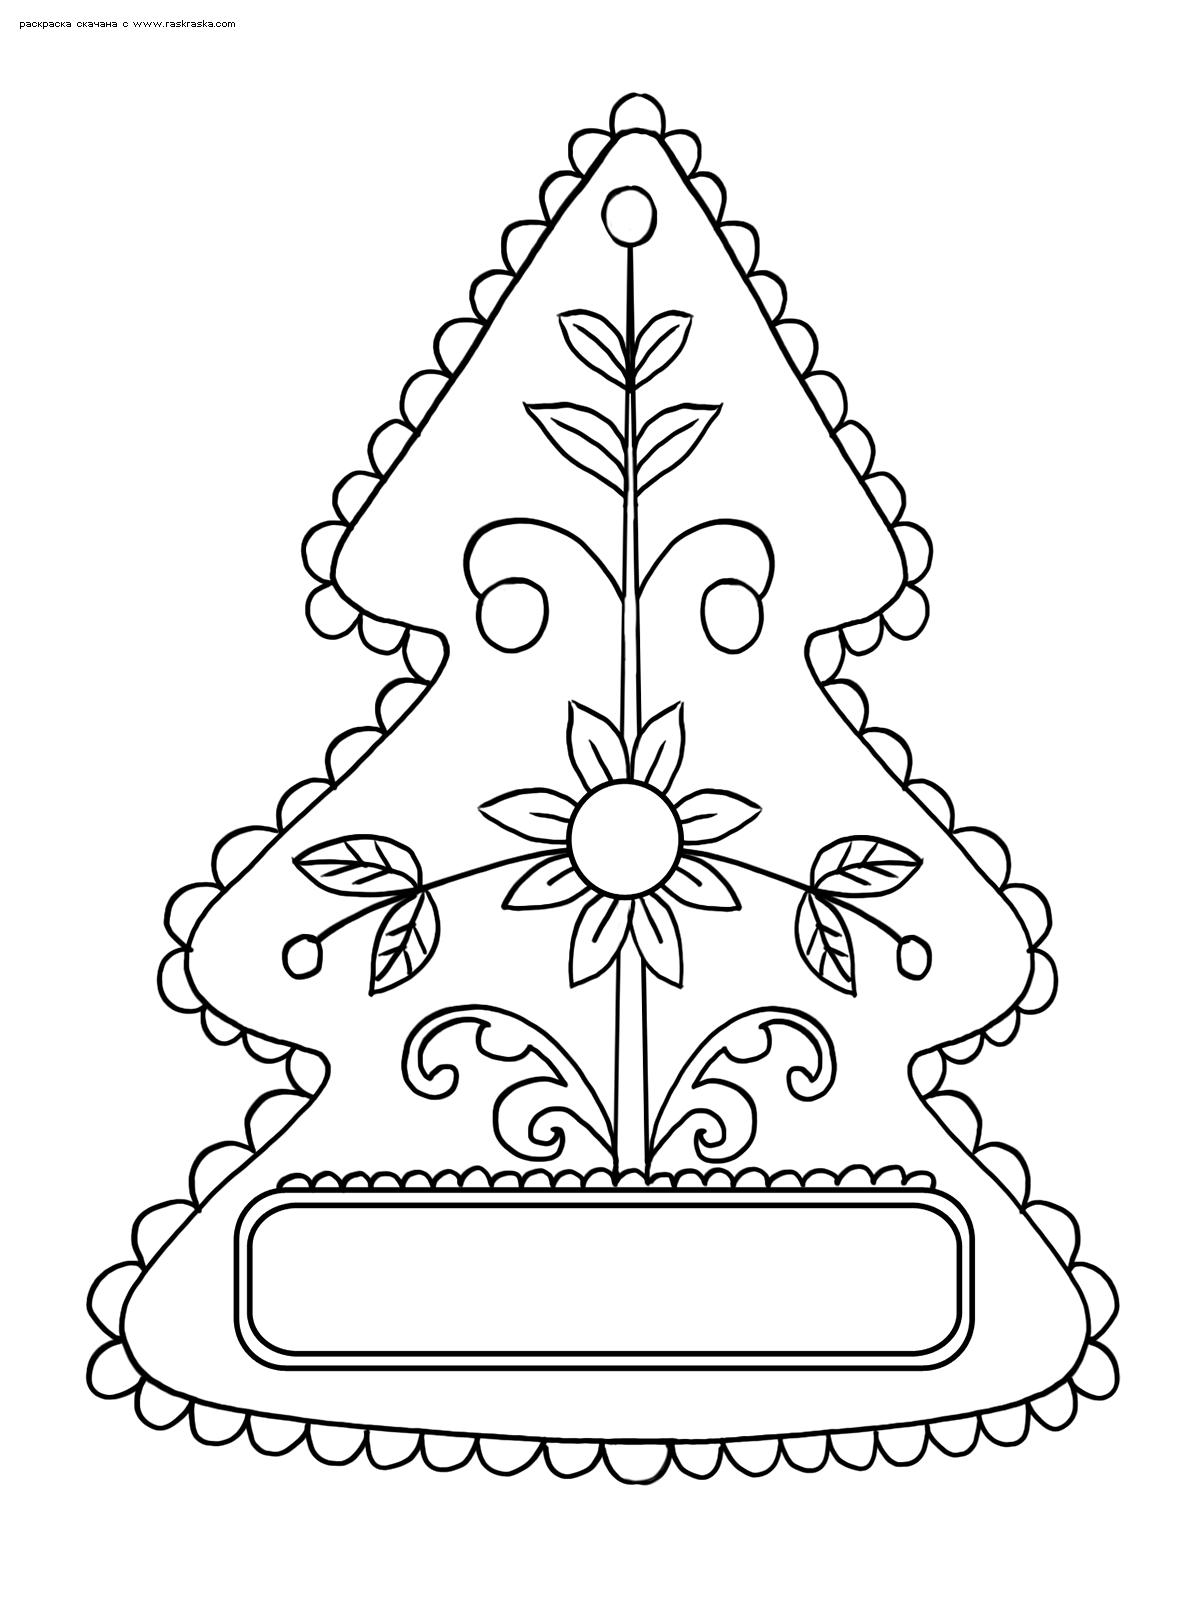 Раскраска Елка. Раскраска елка